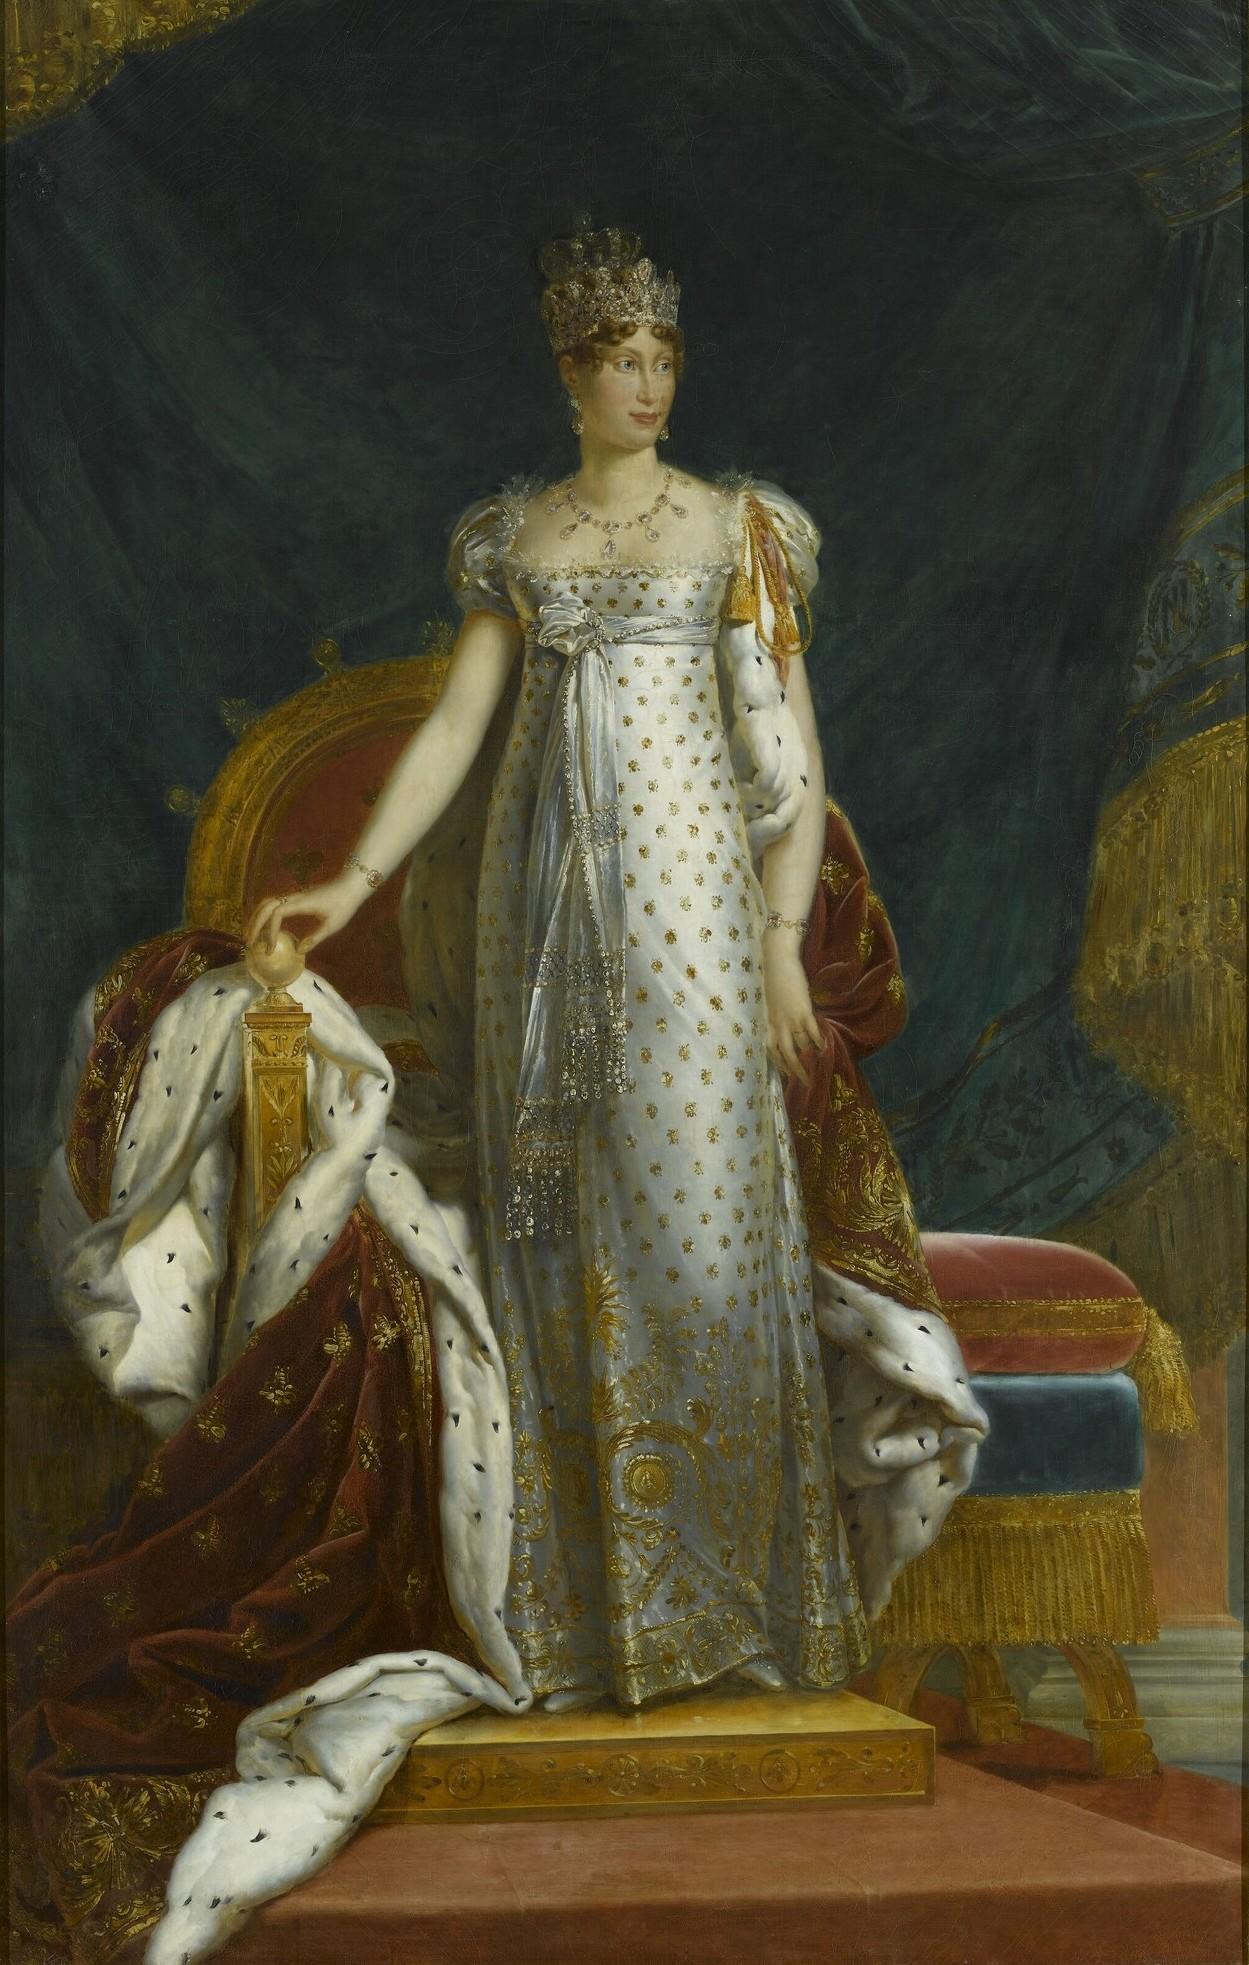 Peinture représentant l'impératrice Marie-Louise.